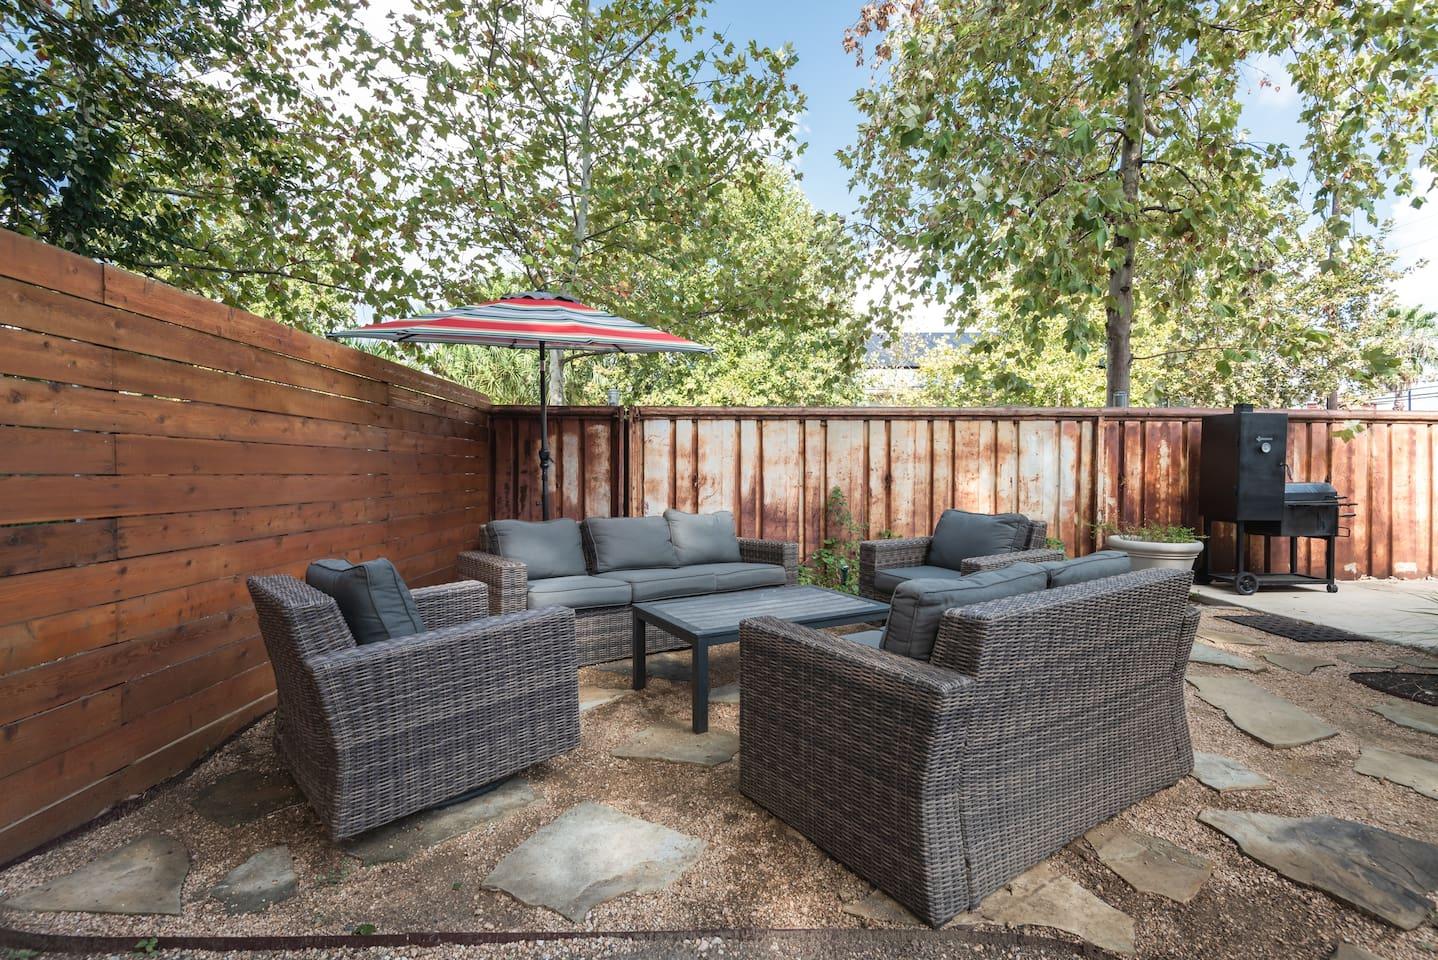 Outdoor backyard area for entertaining.